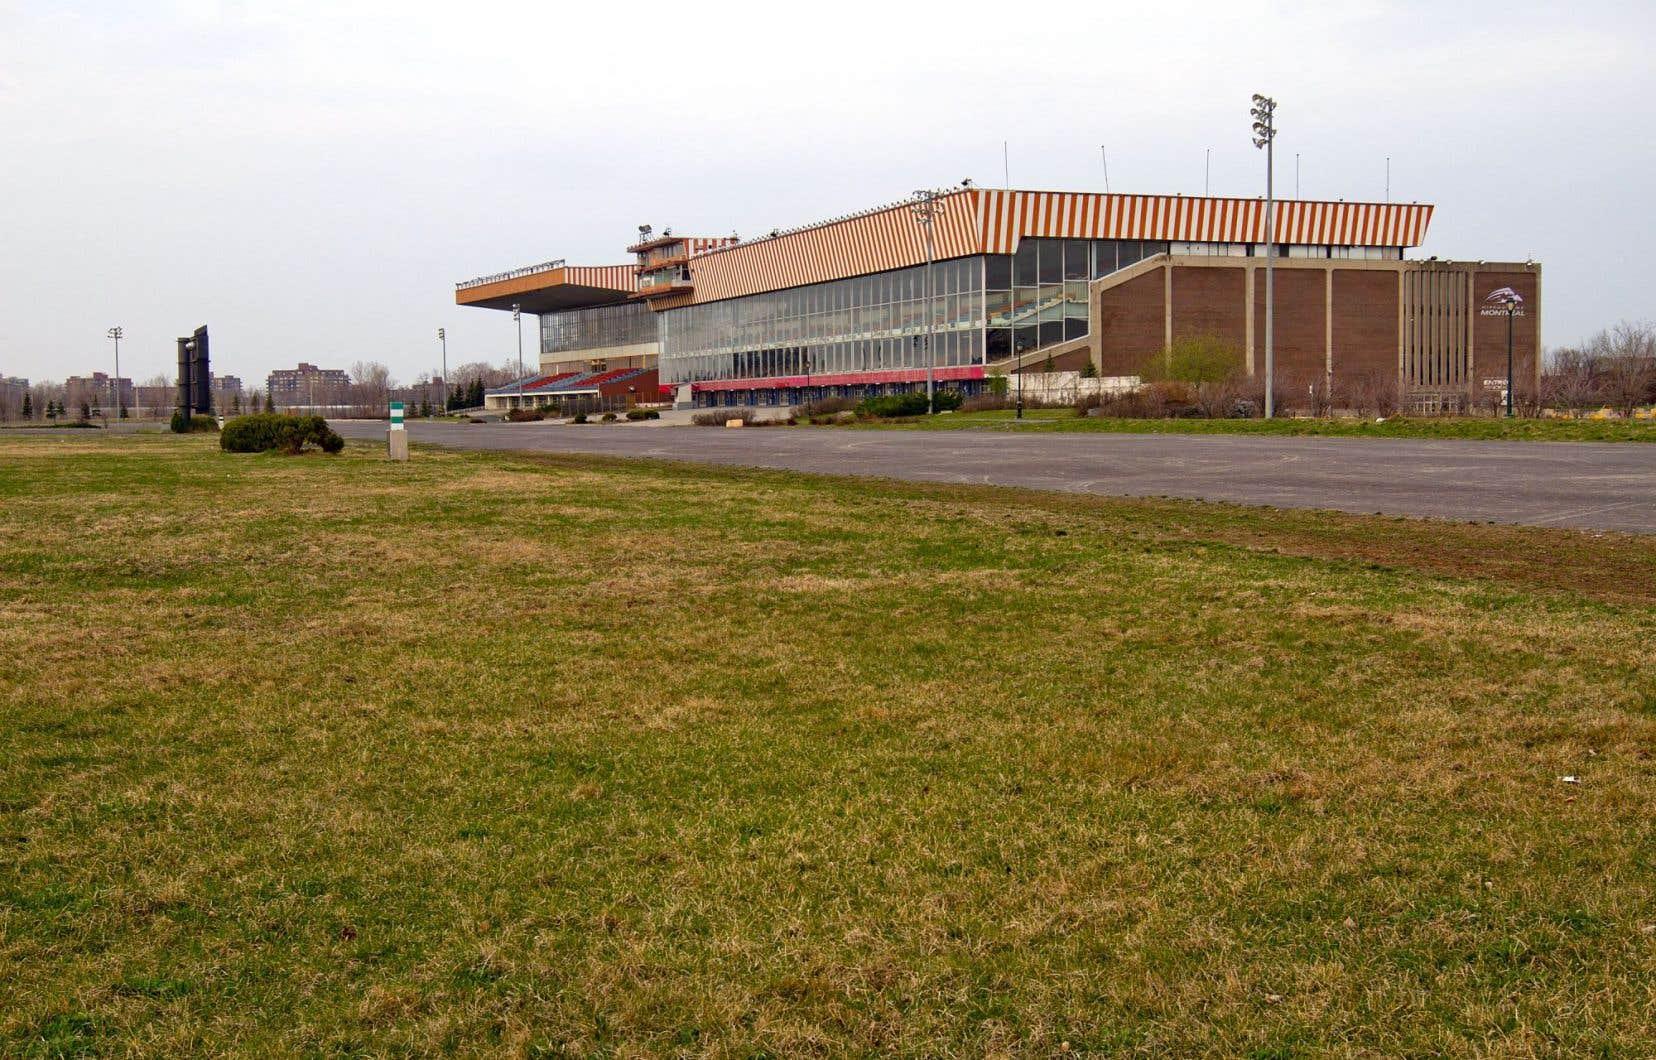 La Ville s'est heurtée à sa propre réglementation sur la déconstruction des bâtiments avant de pouvoir prendre possession des terrains de l'ancien Blue Bonnets, selon le président du comité exécutif.